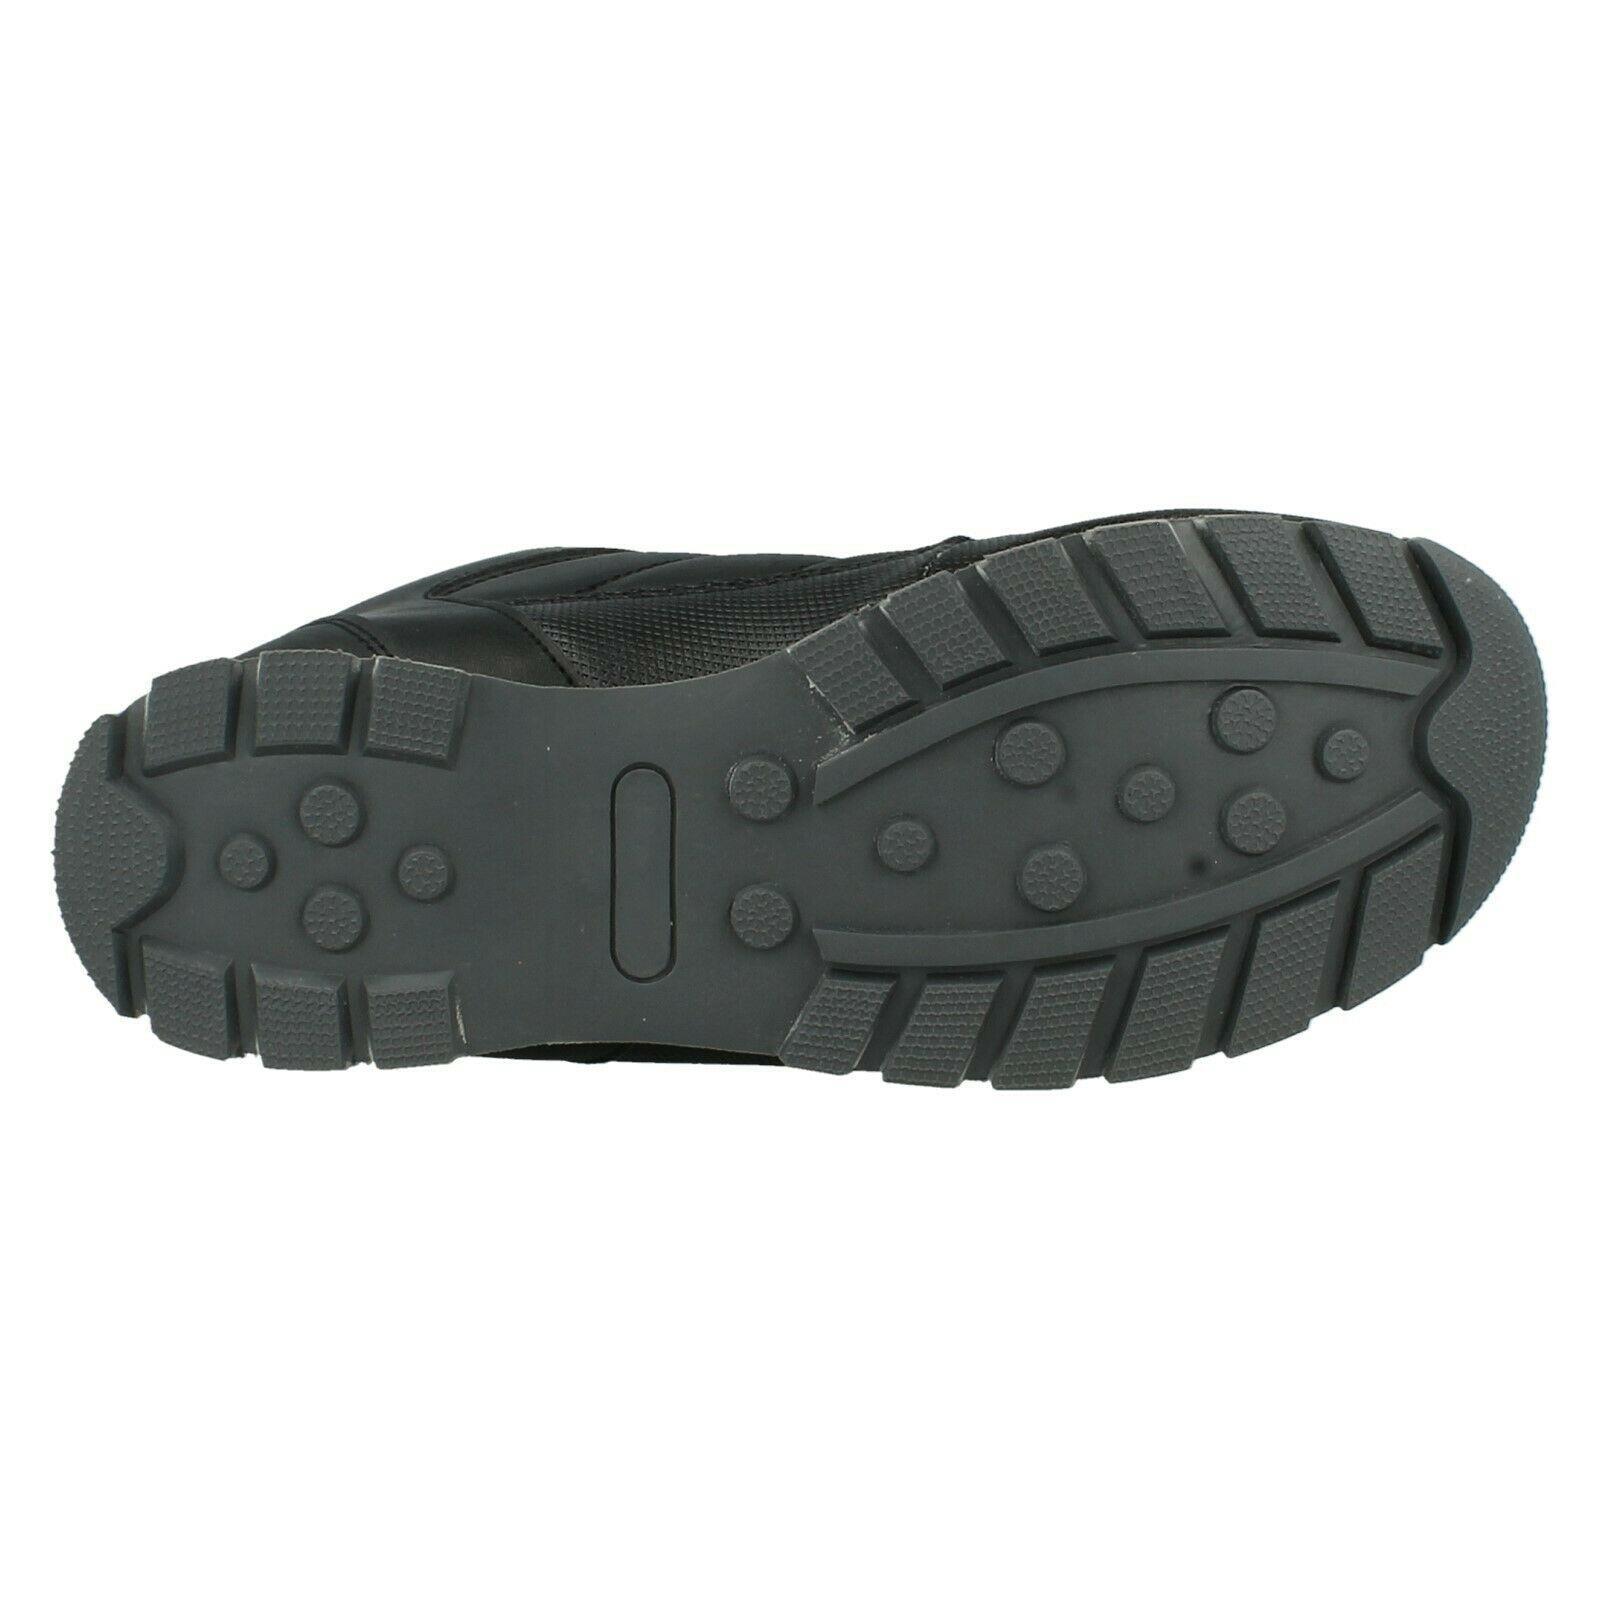 Henleys-unsunghero-Para-hombre-Botas-para-Caminar-Con-Cordones-Zapatos-De-Invierno-Al-Aire-Libre-7 miniatura 23